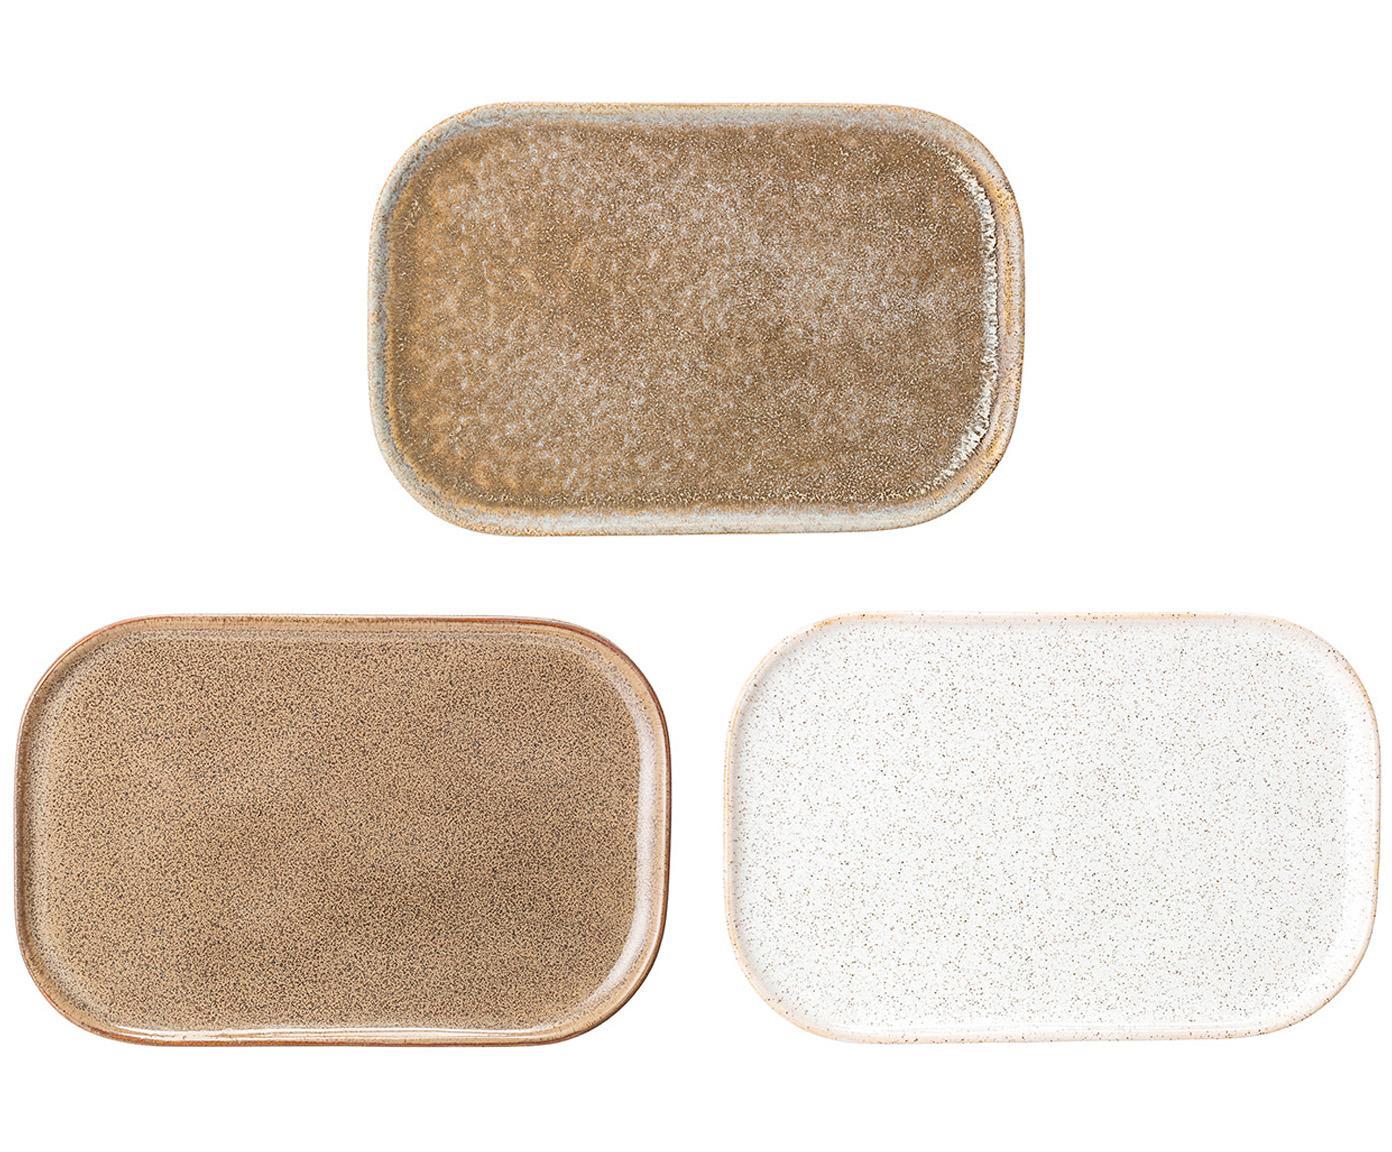 Handgefertigtes Servierplatten-Set Addison, 3-tlg., Steingut, Beige, Weiss, B 15 x T 23 cm